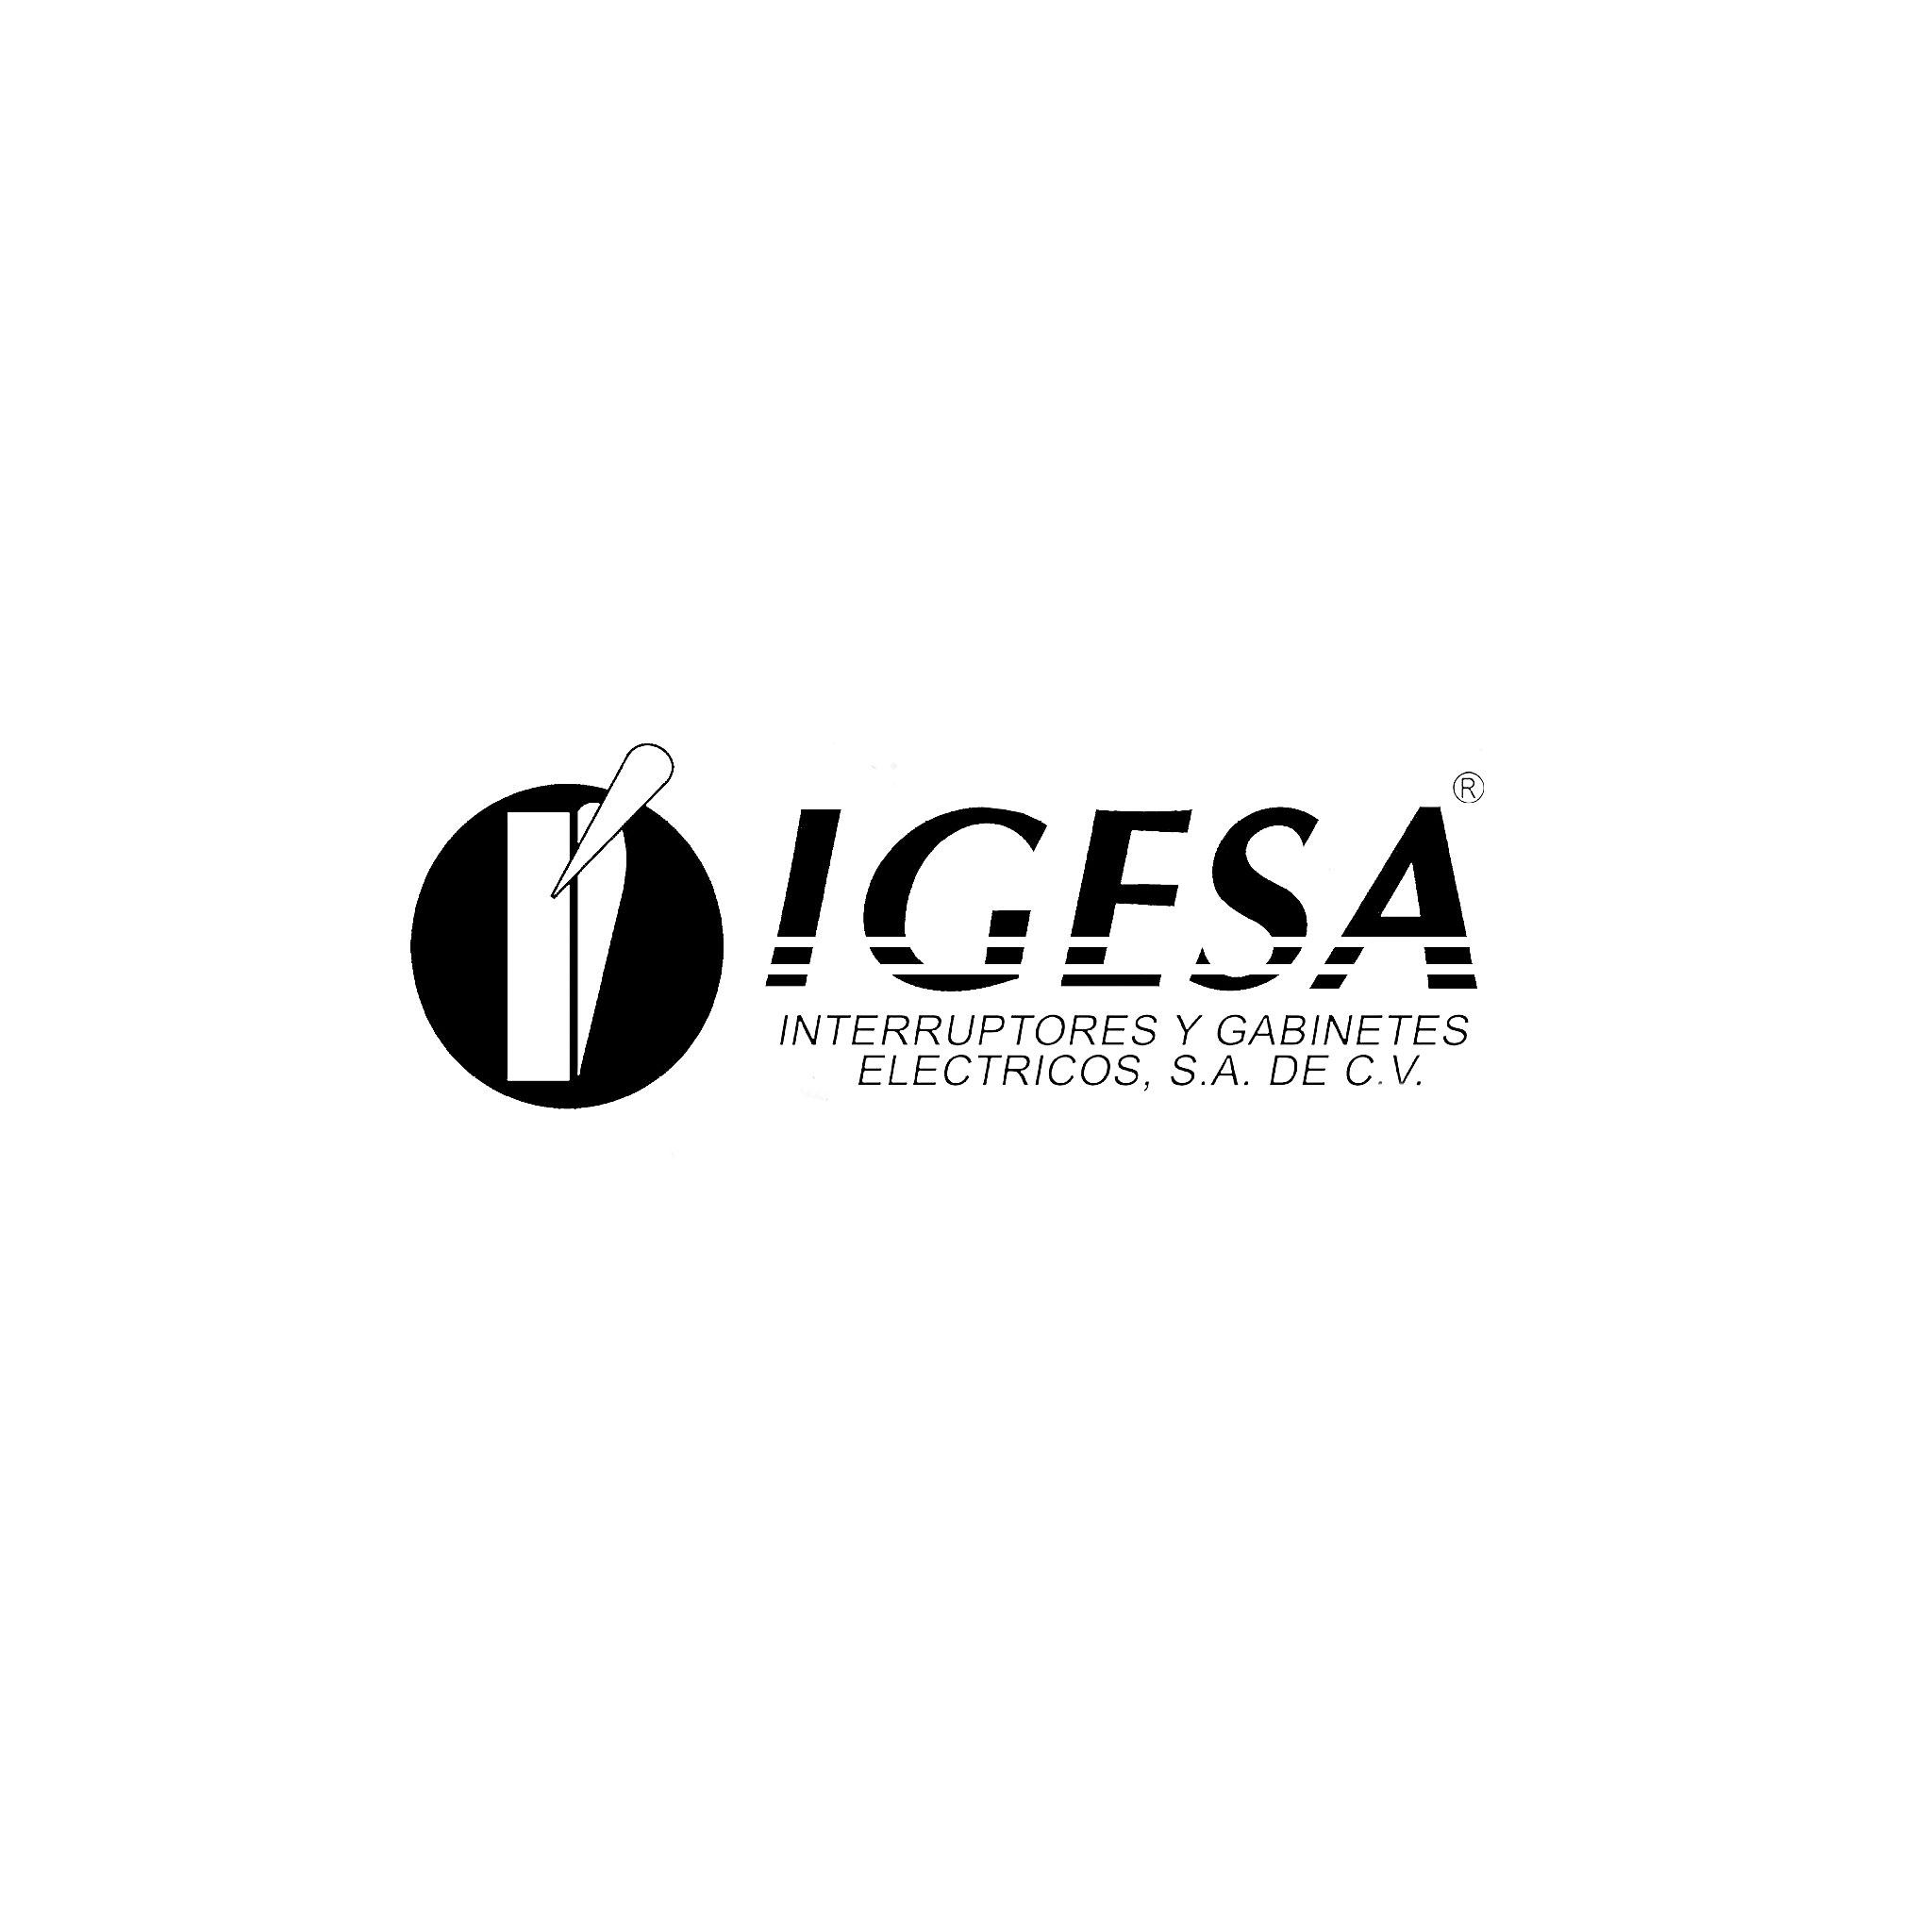 cen_igesa